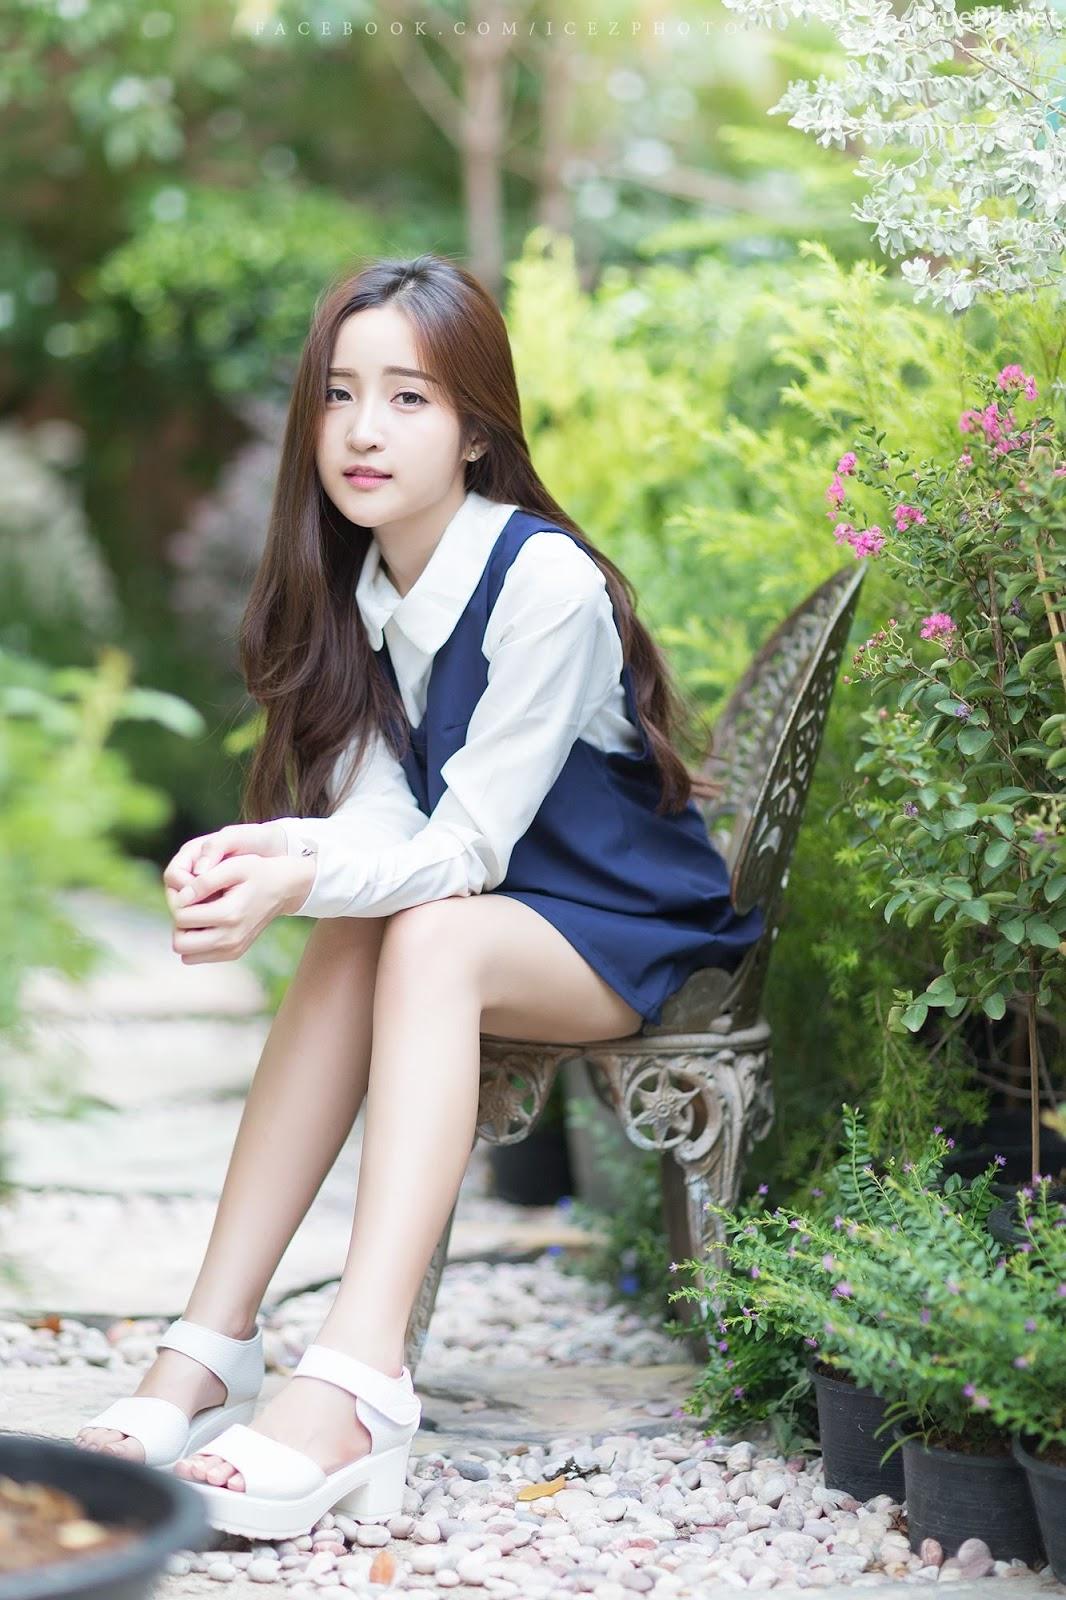 Thailand Hot Girl - Thanyarat Charoenpornkittada - Welcome to my world - TruePic.net - Picture 7